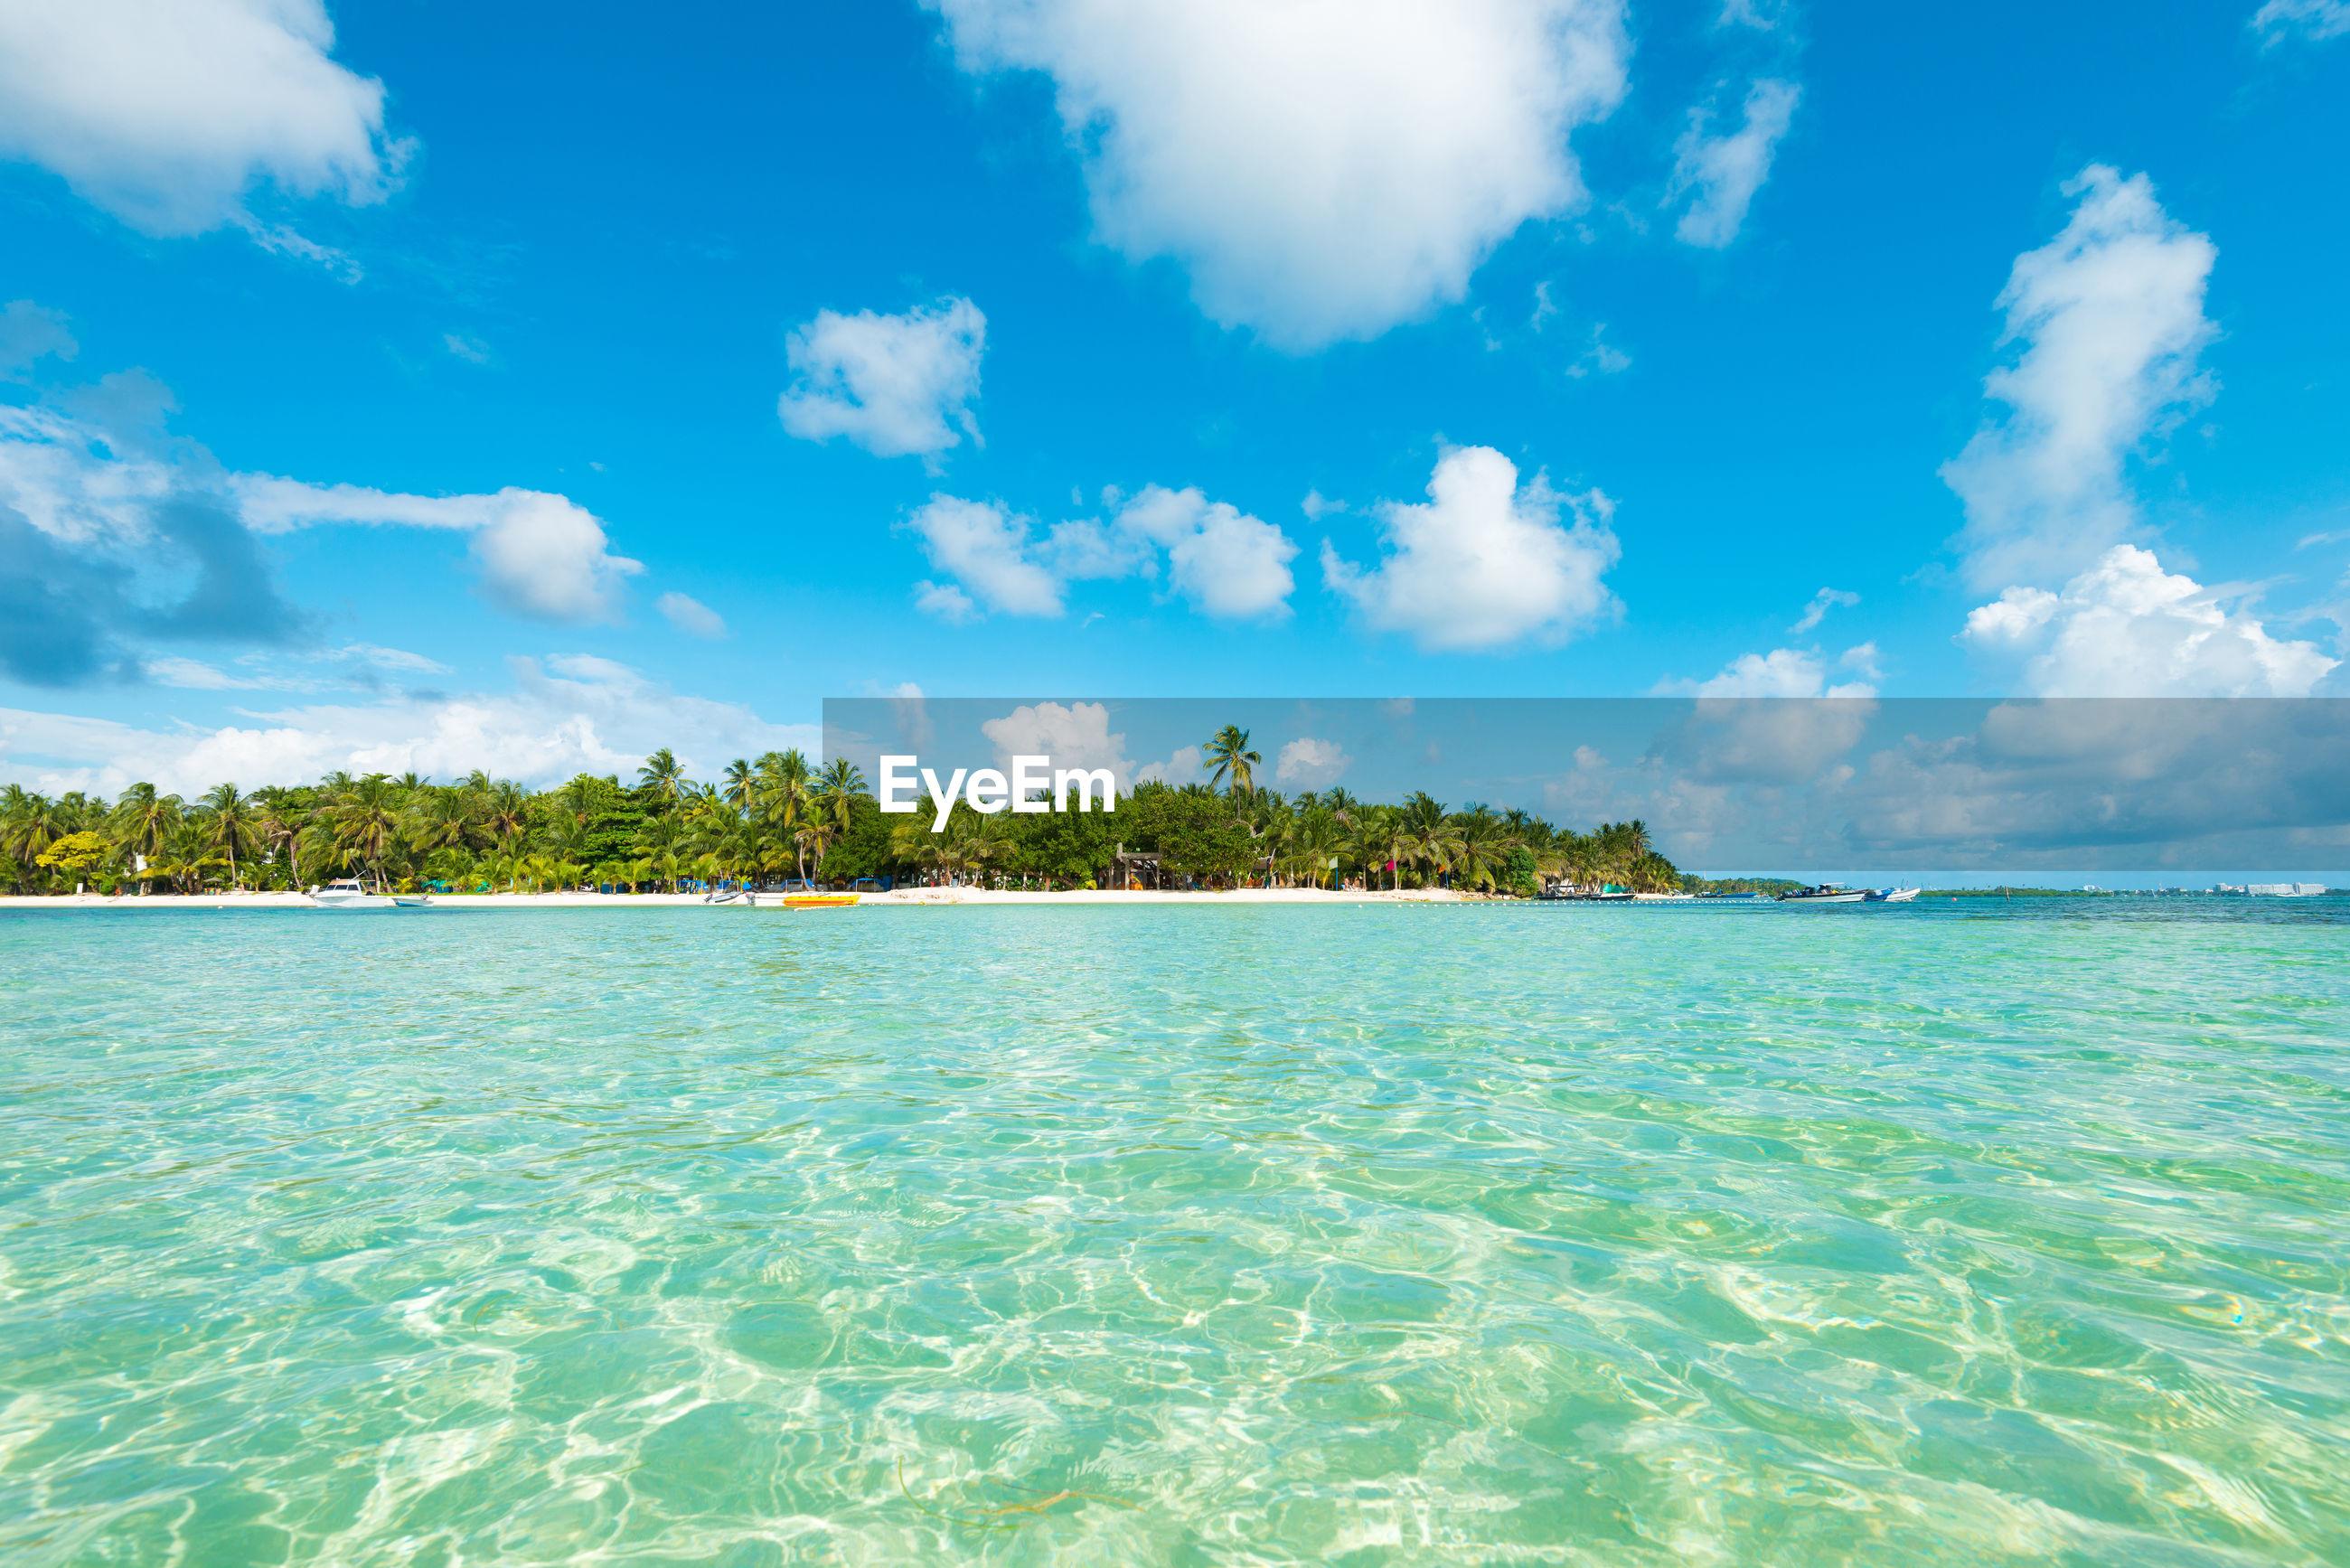 SCENIC VIEW OF BLUE SEA